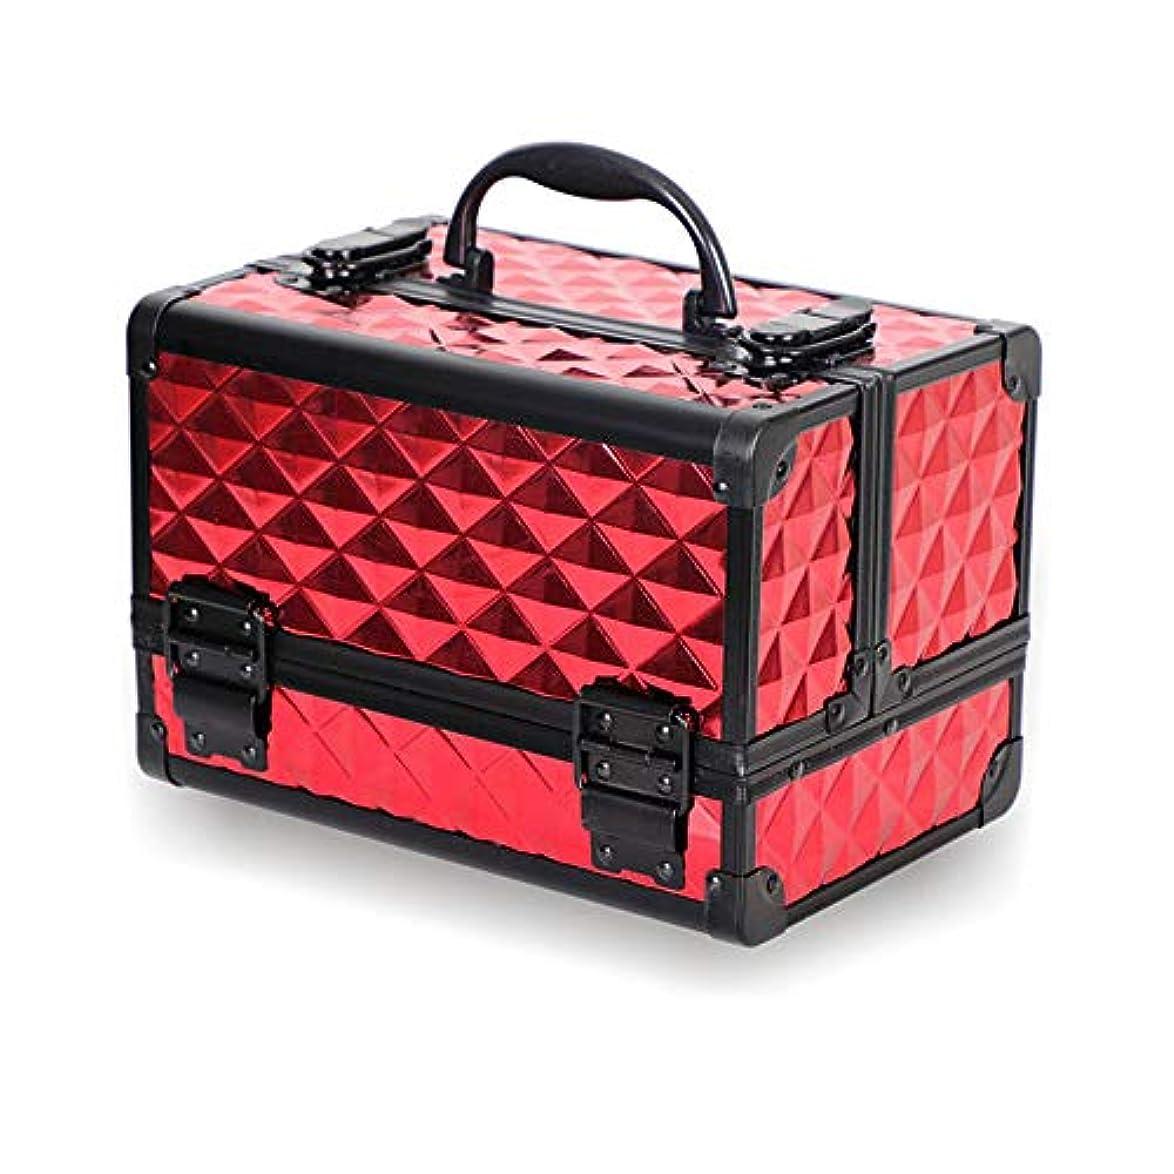 触手不良品ナインへ特大スペース収納ビューティーボックス 美の構造のためそしてジッパーおよび折る皿が付いている女の子の女性旅行そして毎日の貯蔵のための高容量の携帯用化粧品袋 化粧品化粧台 (色 : 赤)